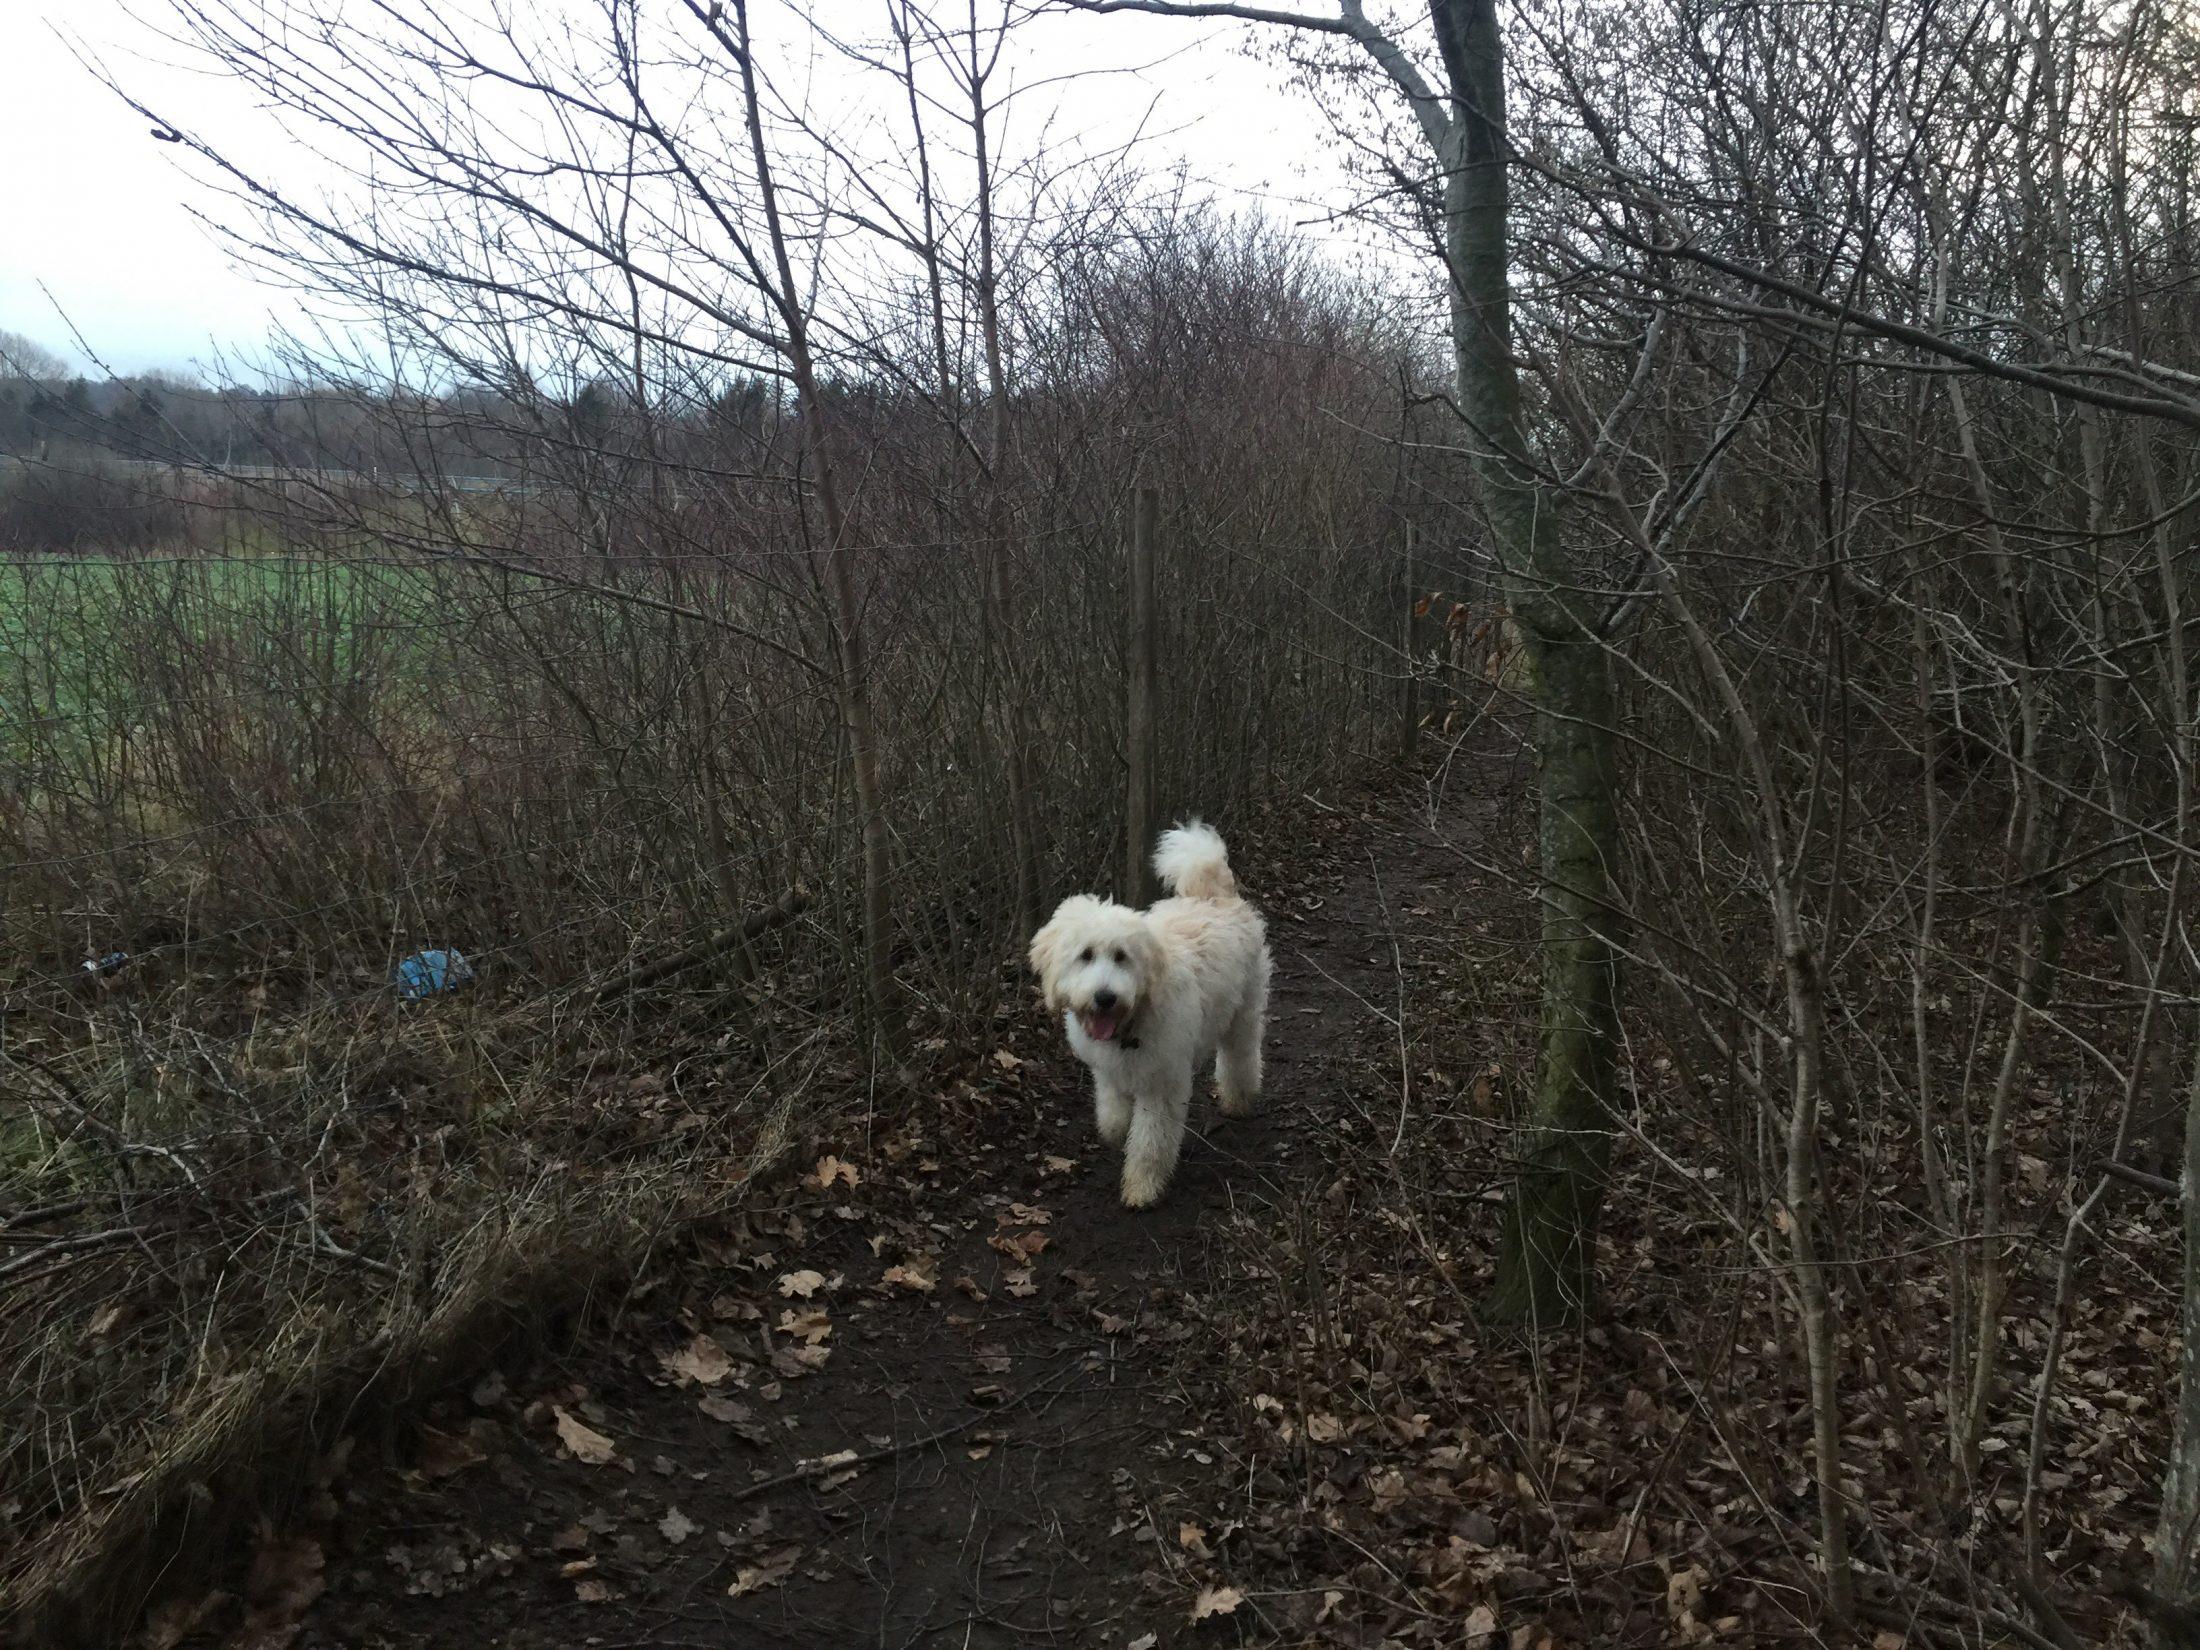 Hundeskoven ved Grønlien Skov - Vores Egedal